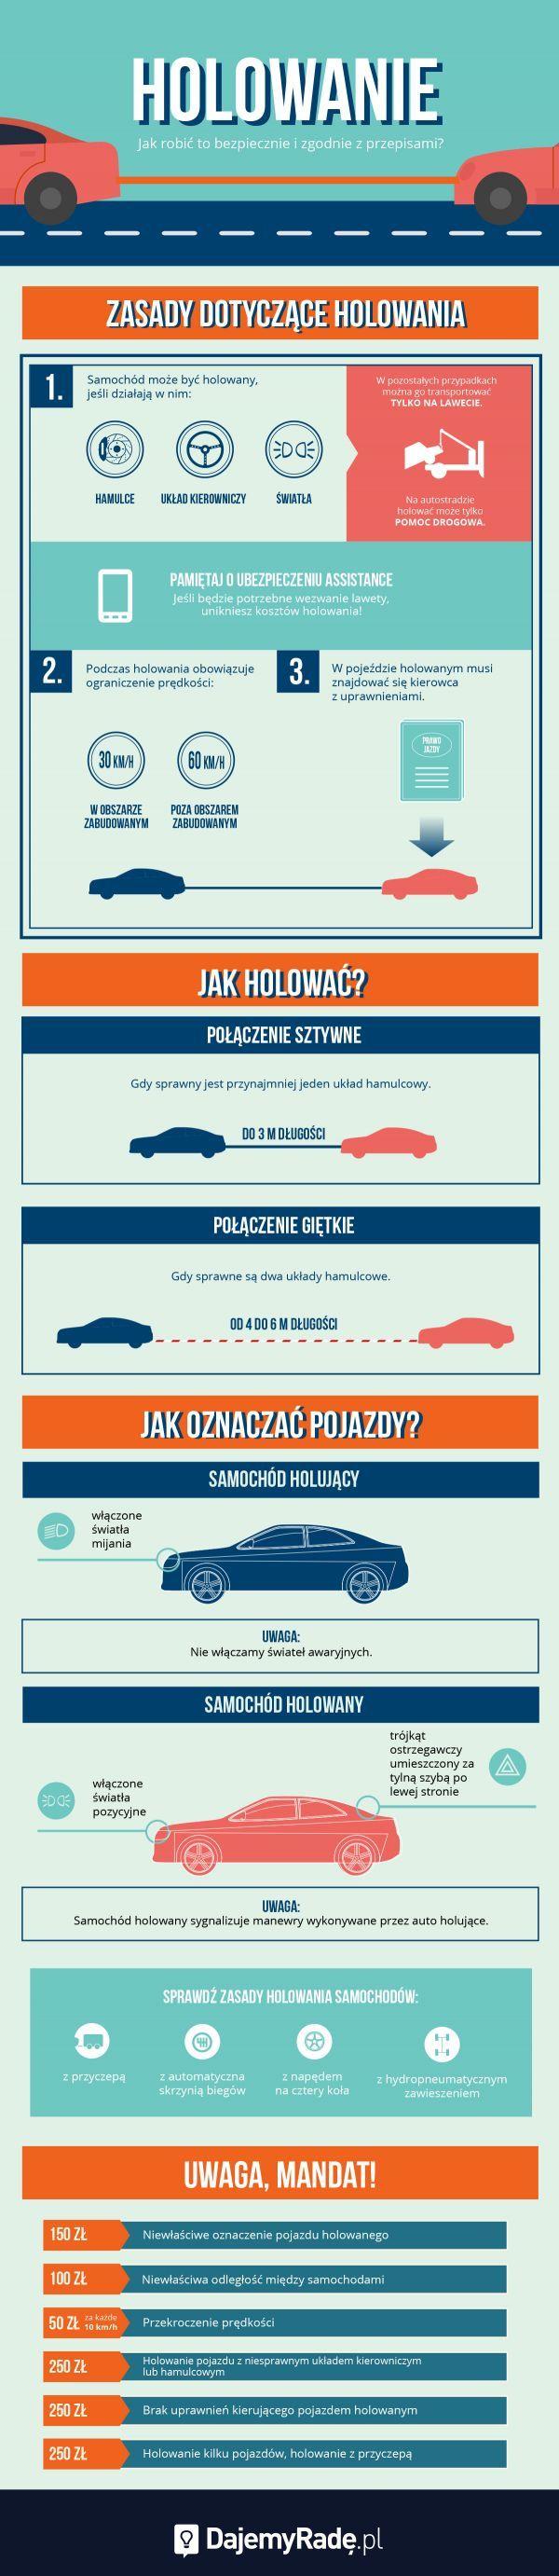 Jak holować, żeby było bezpiecznie? Jak oznakować samochody? Wyjaśniamy. #dajemyrade